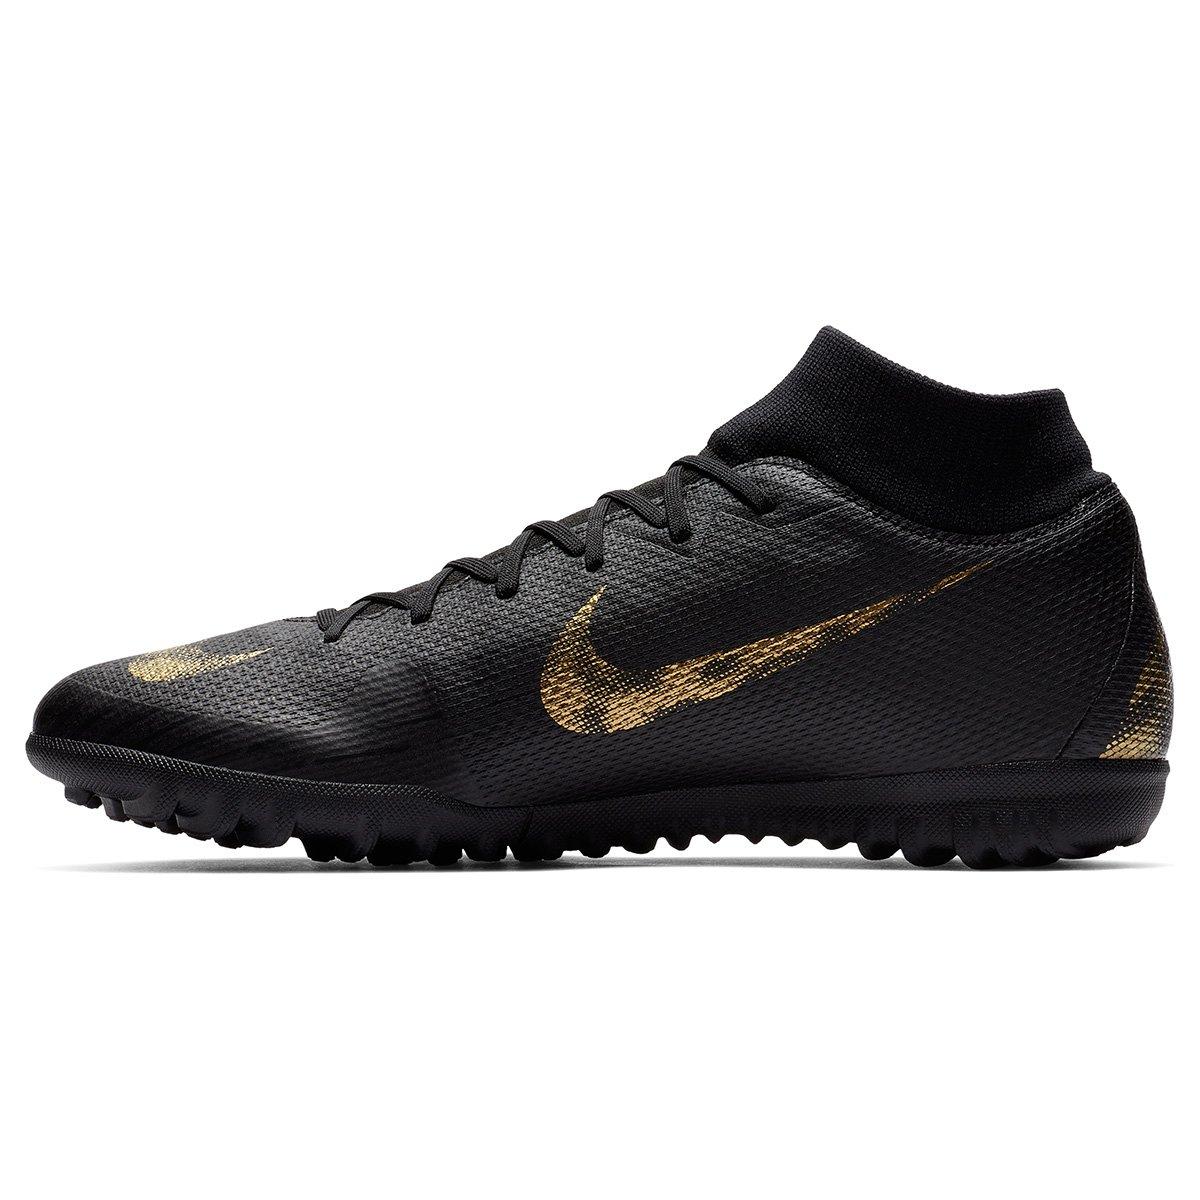 Chuteira Society Nike Mercurial Superfly 6 Academy - Preto e Dourado ... 09339edc816a5